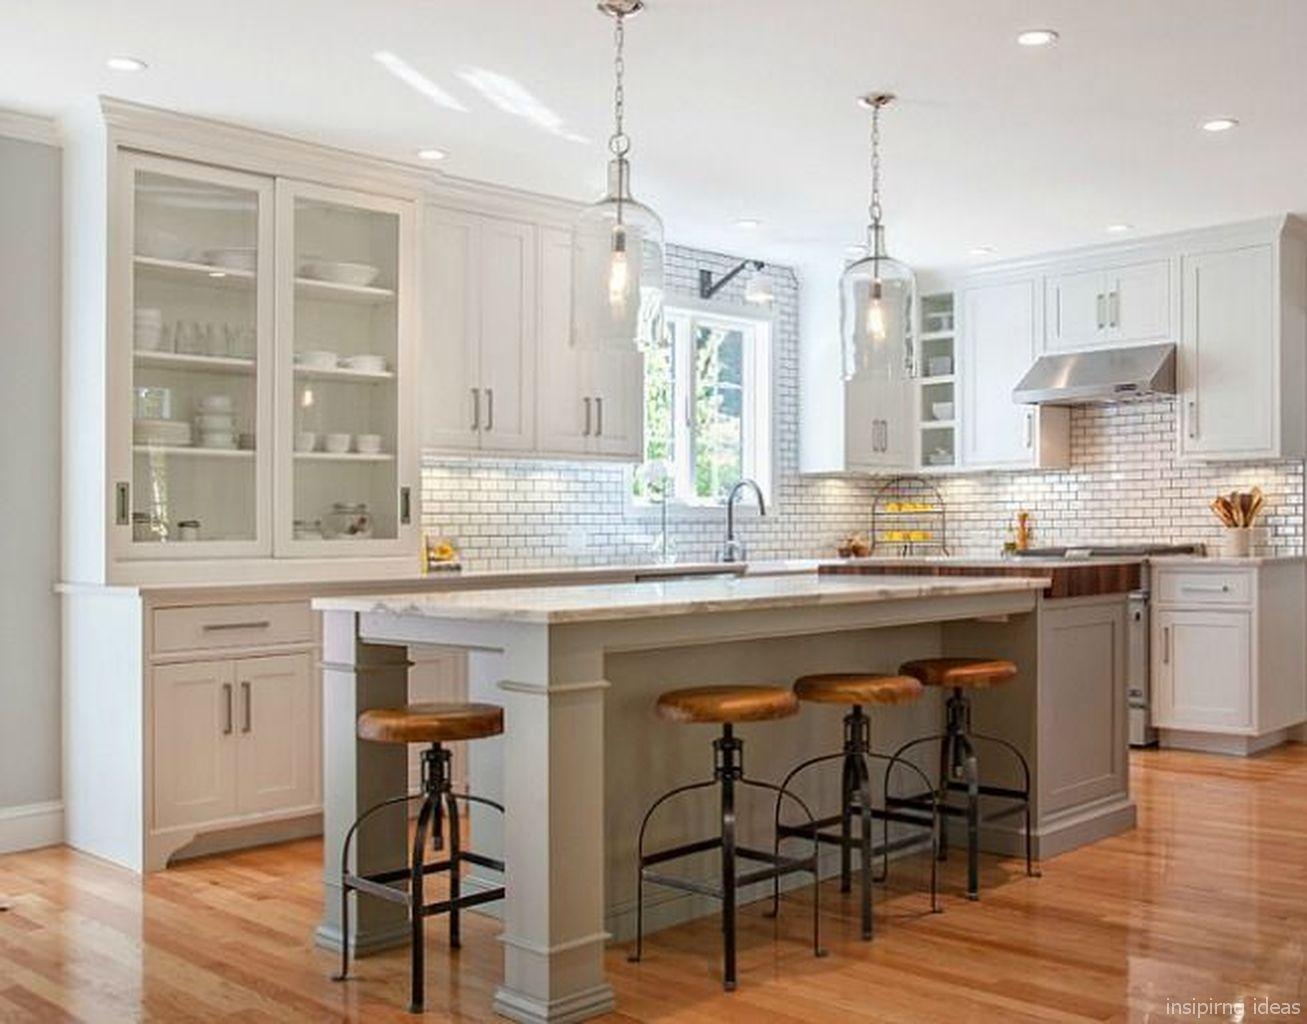 White with creamy beige granite countertops, dove